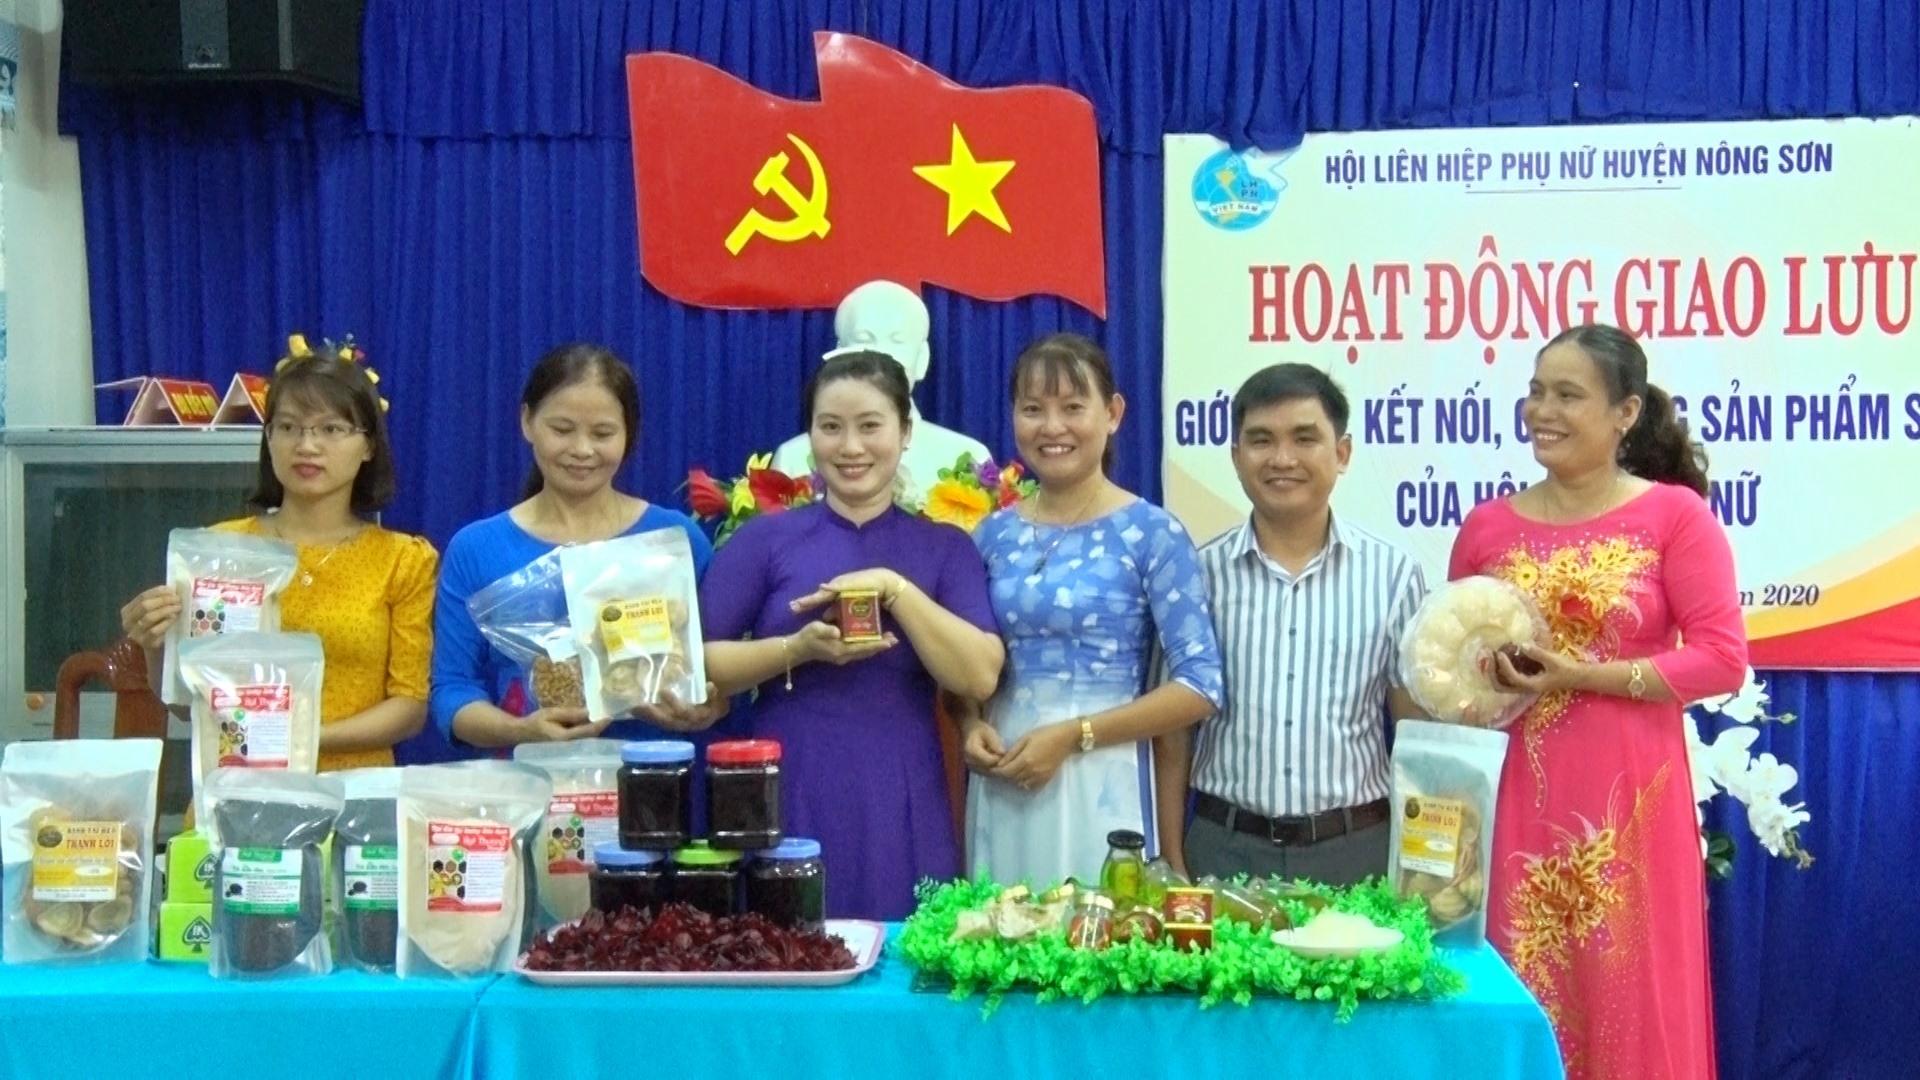 Trưng bày sản phẩm an toàn của phụ nữ huyện Nông Sơn. Ảnh: PHƯƠNG NHAN